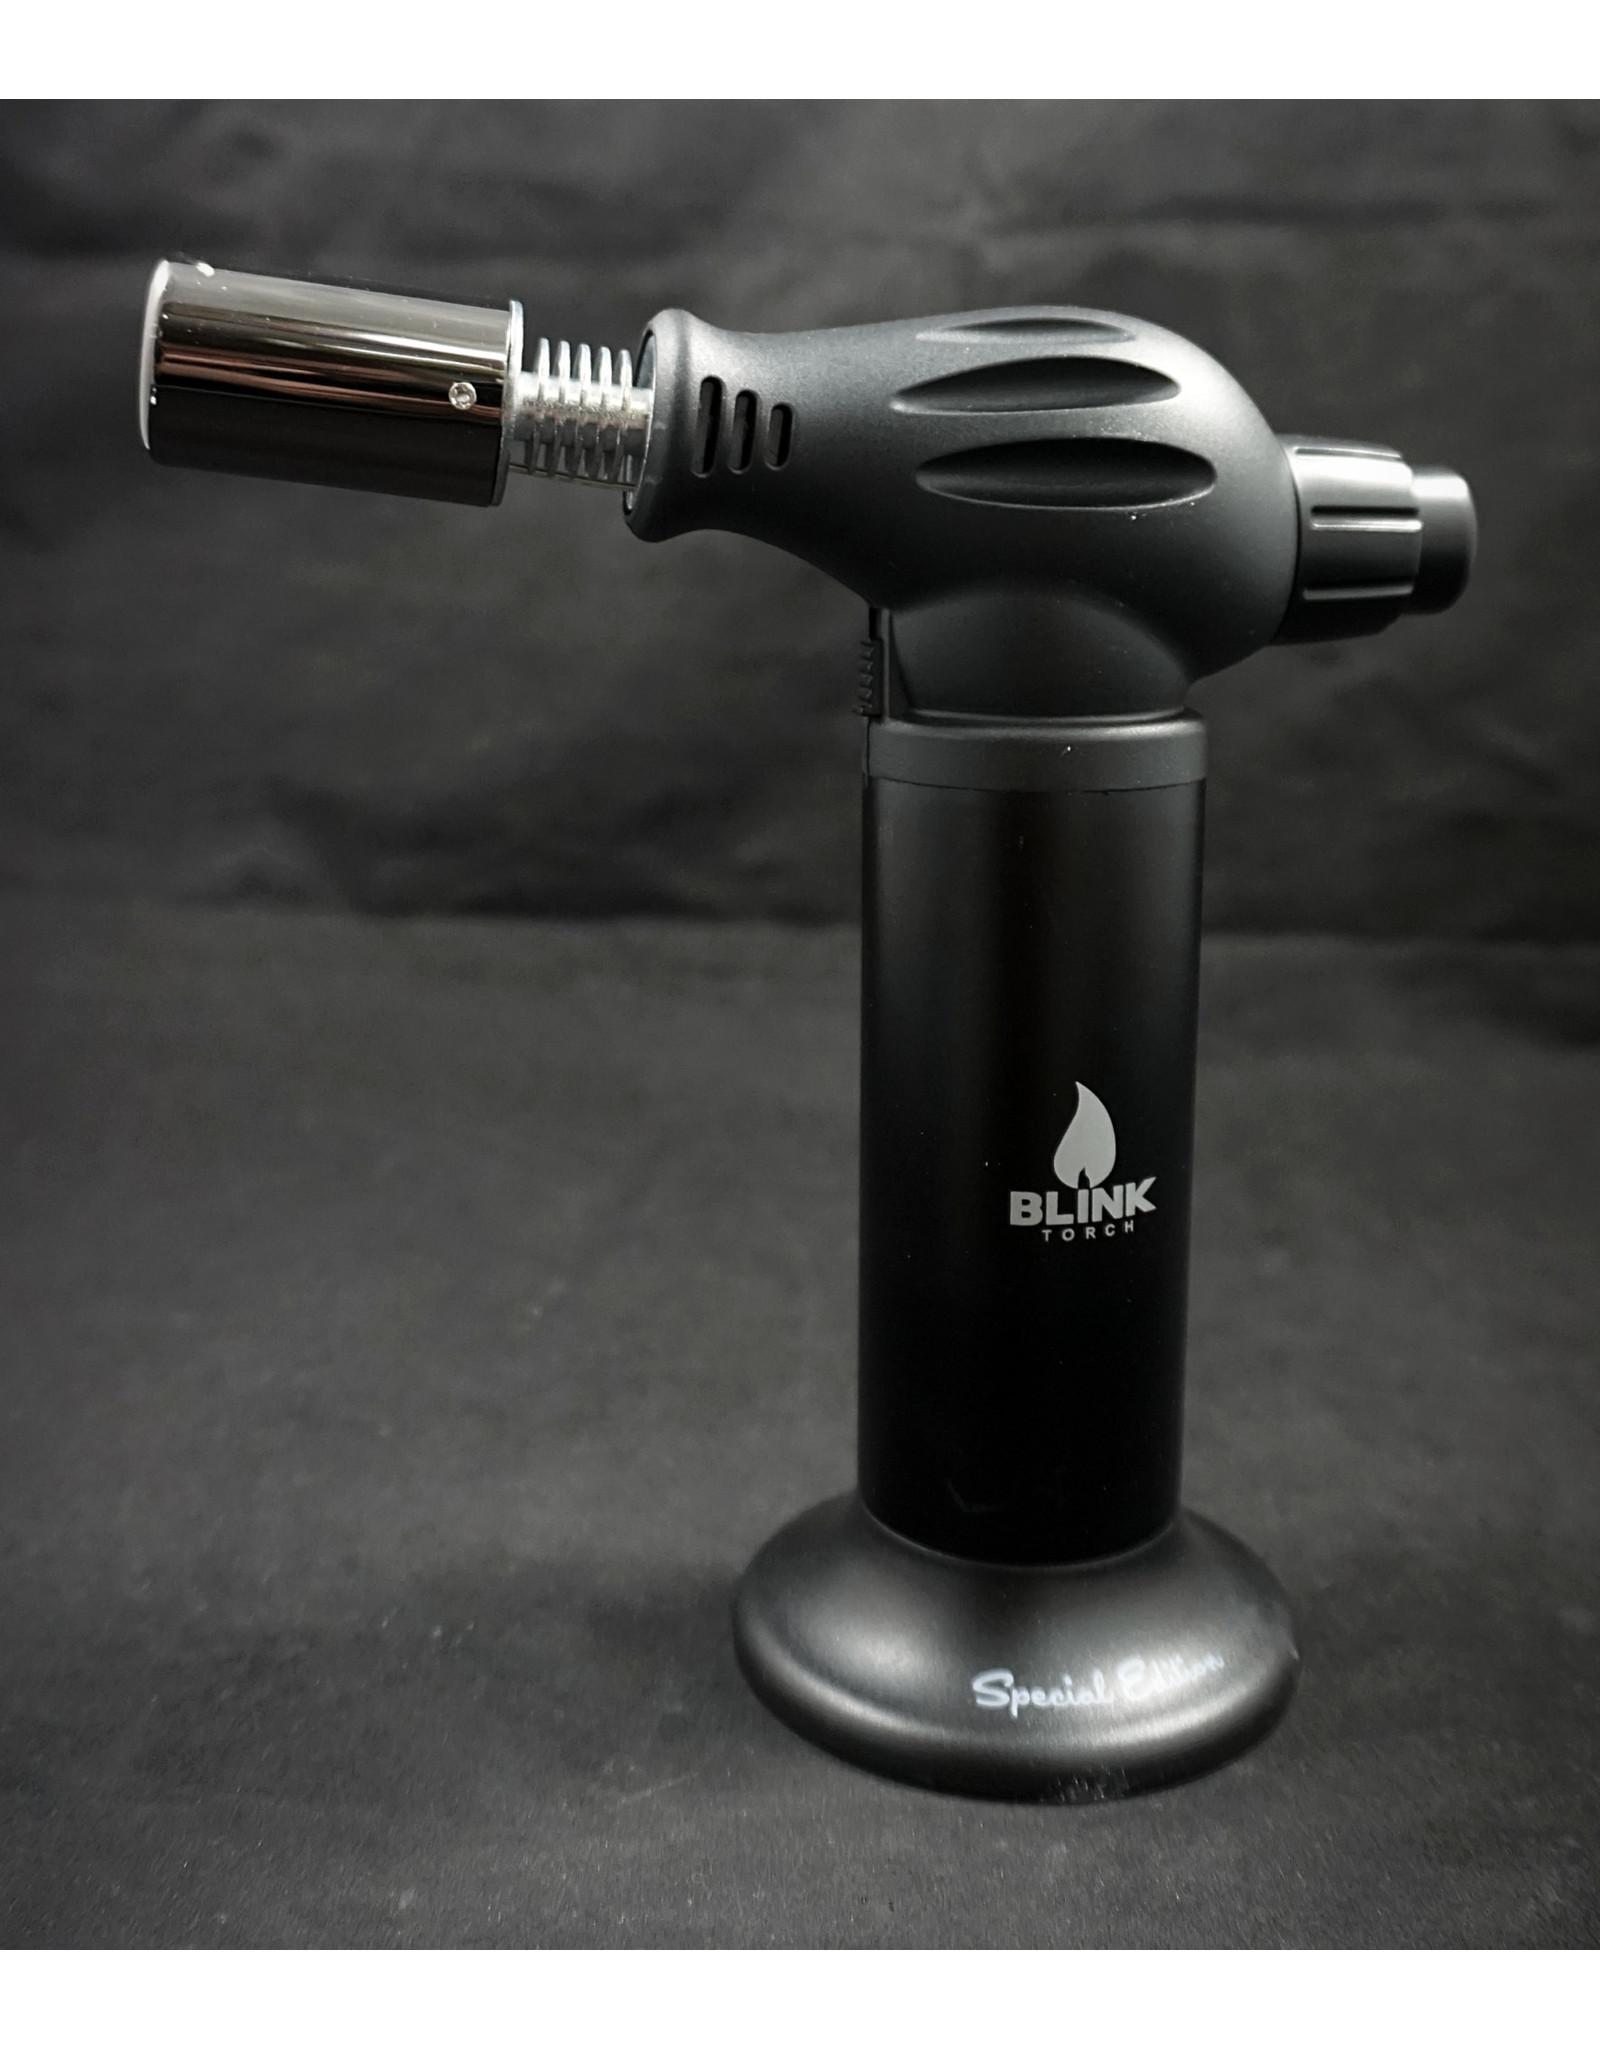 Blink Torch - Black SE02